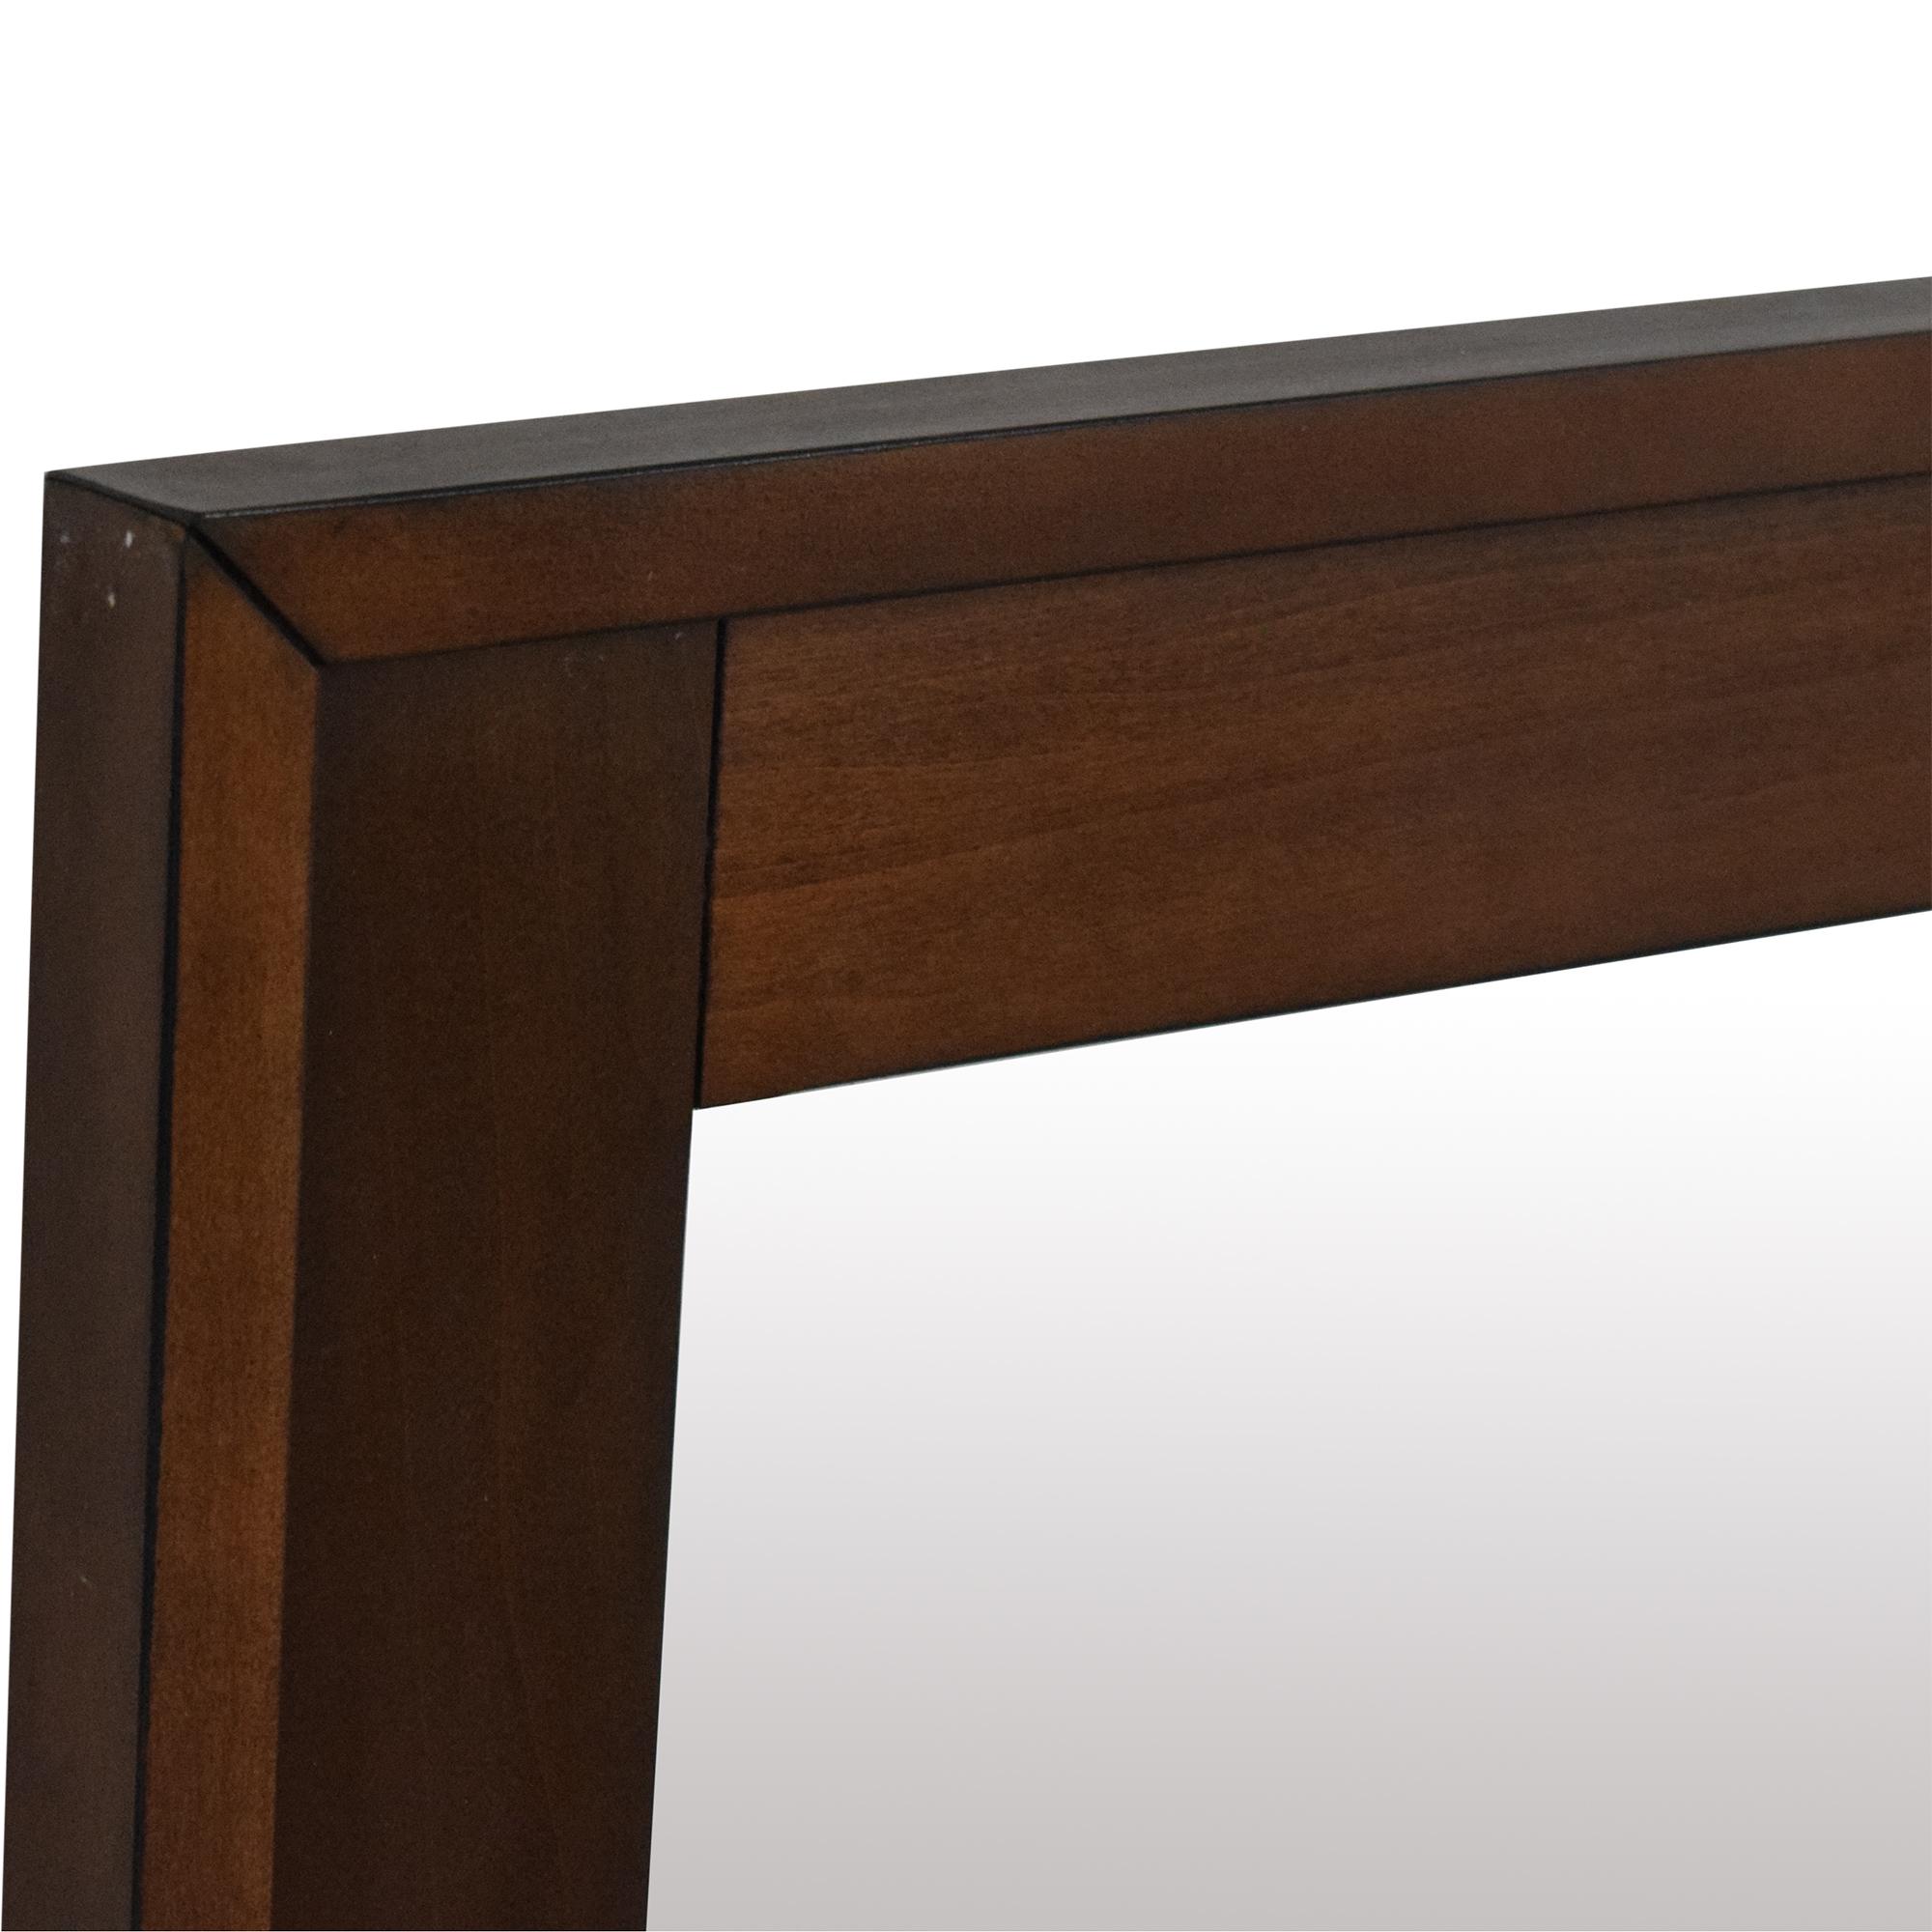 buy Homelegance Furniture Sedley Mirror Homelegance Furniture Mirrors